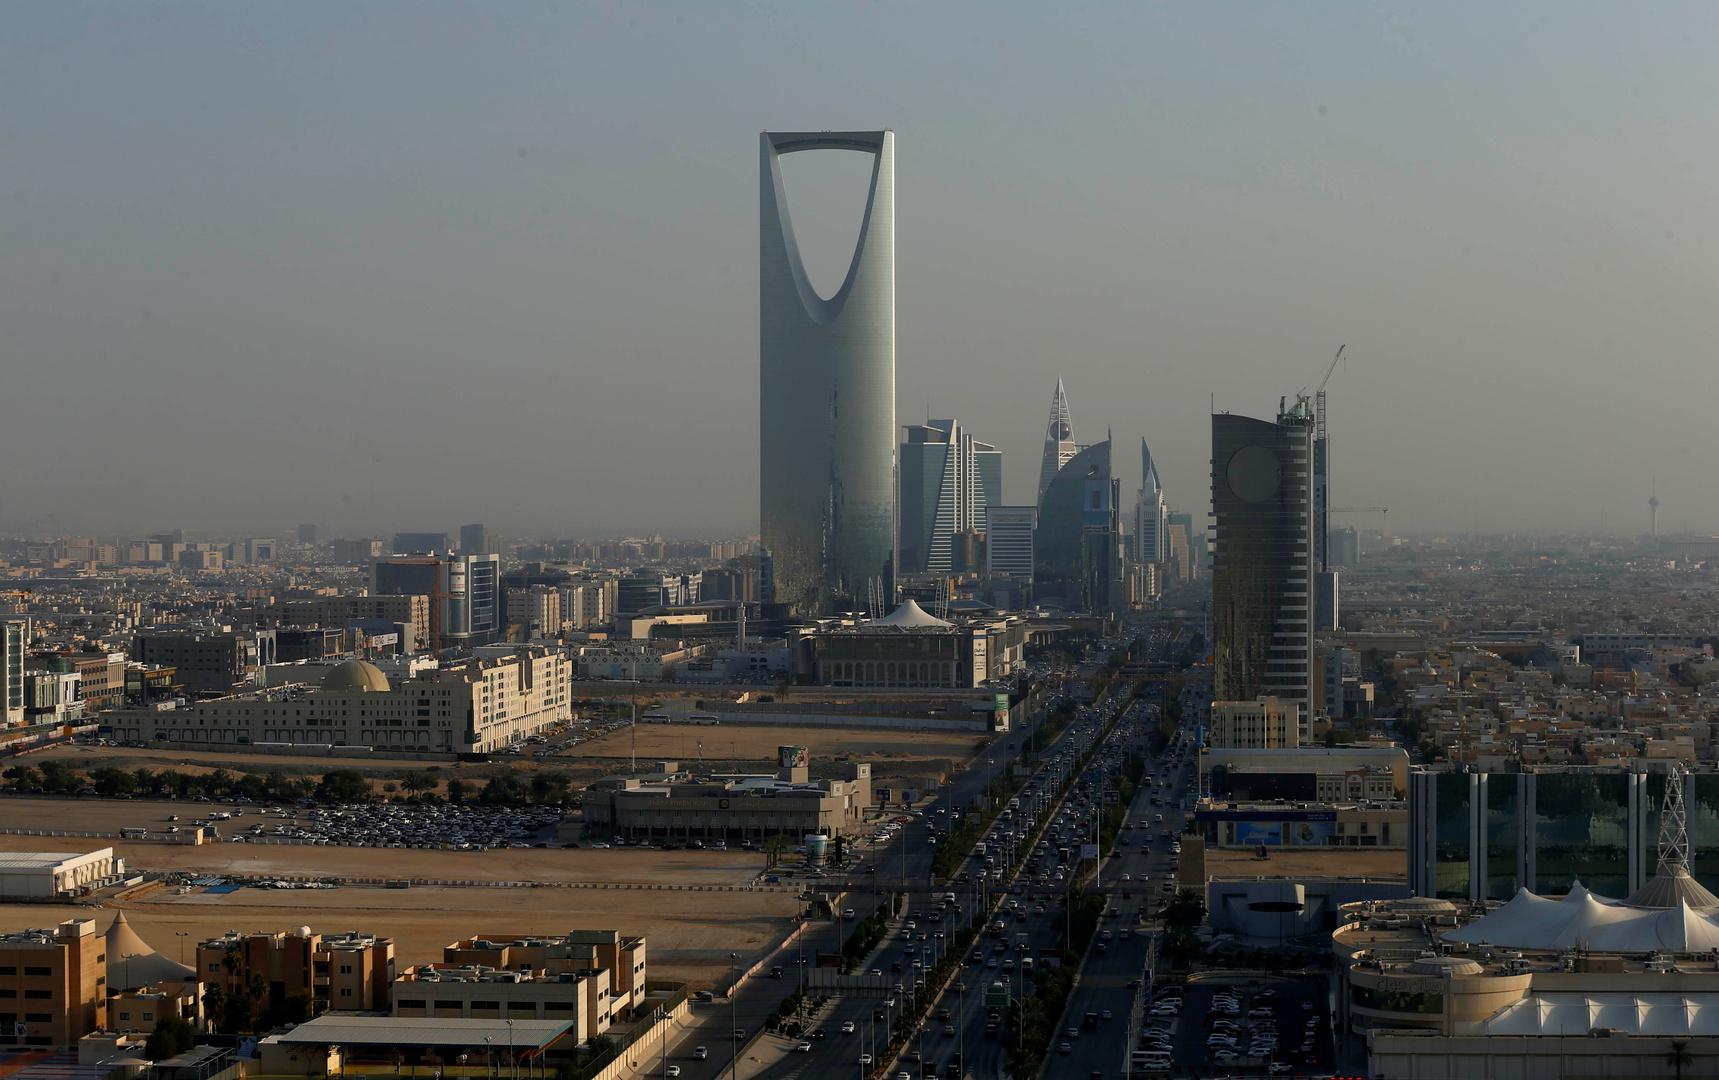 السعودية تدعو المجتمع الدولي لإلزام إيران بالكف عن زعزعة أمن المنطقة